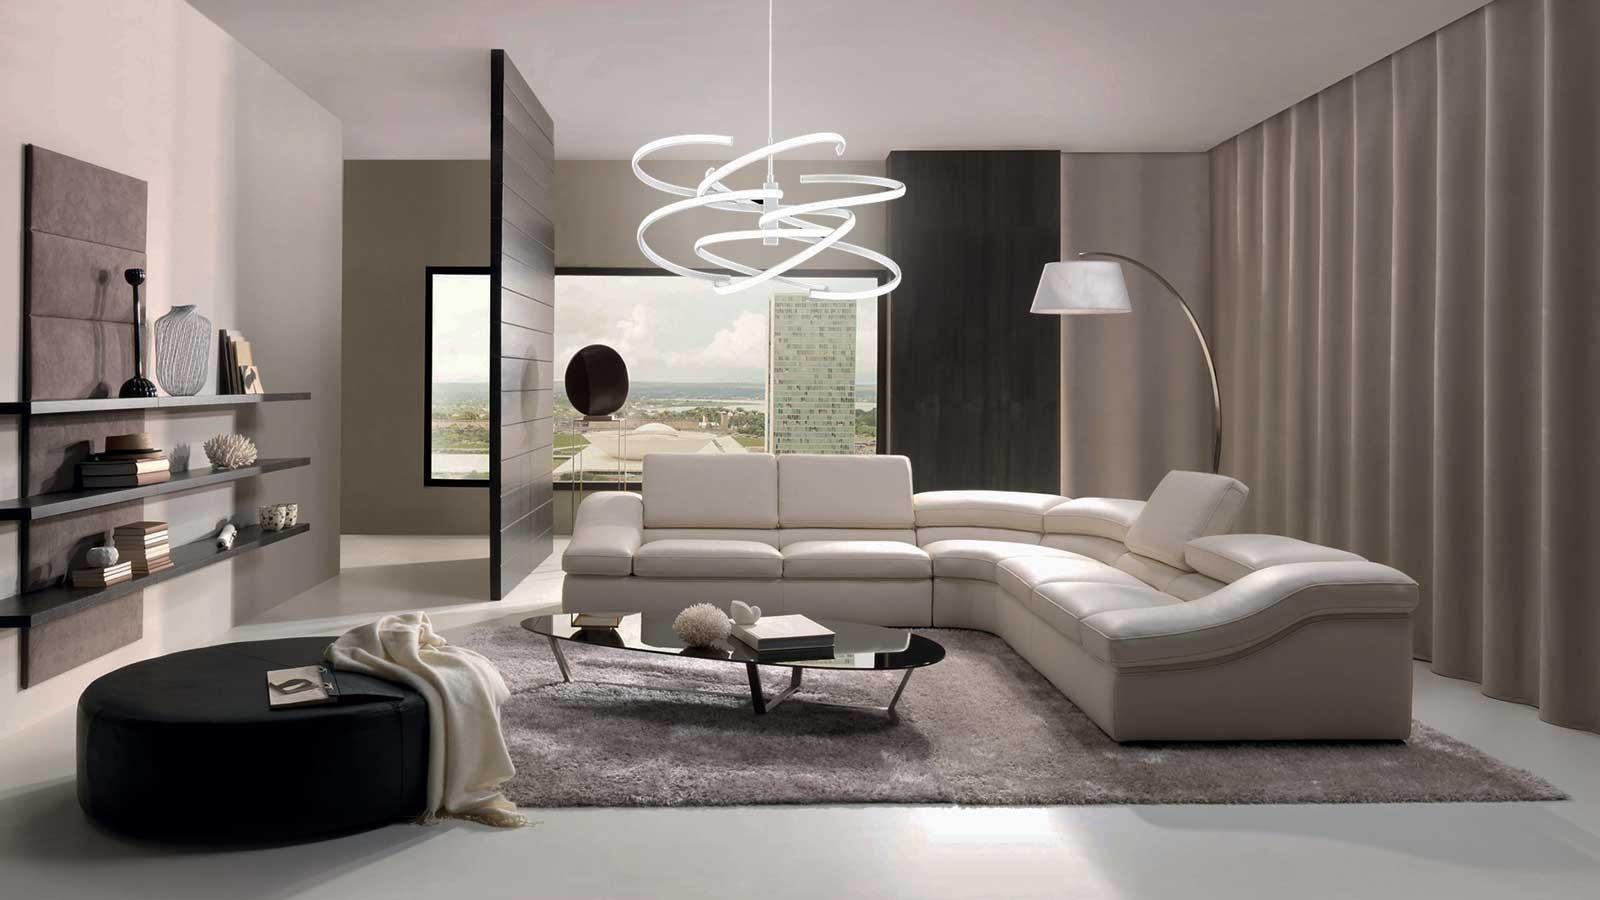 Come scegliere i lampadari per un soggiorno moderno ...